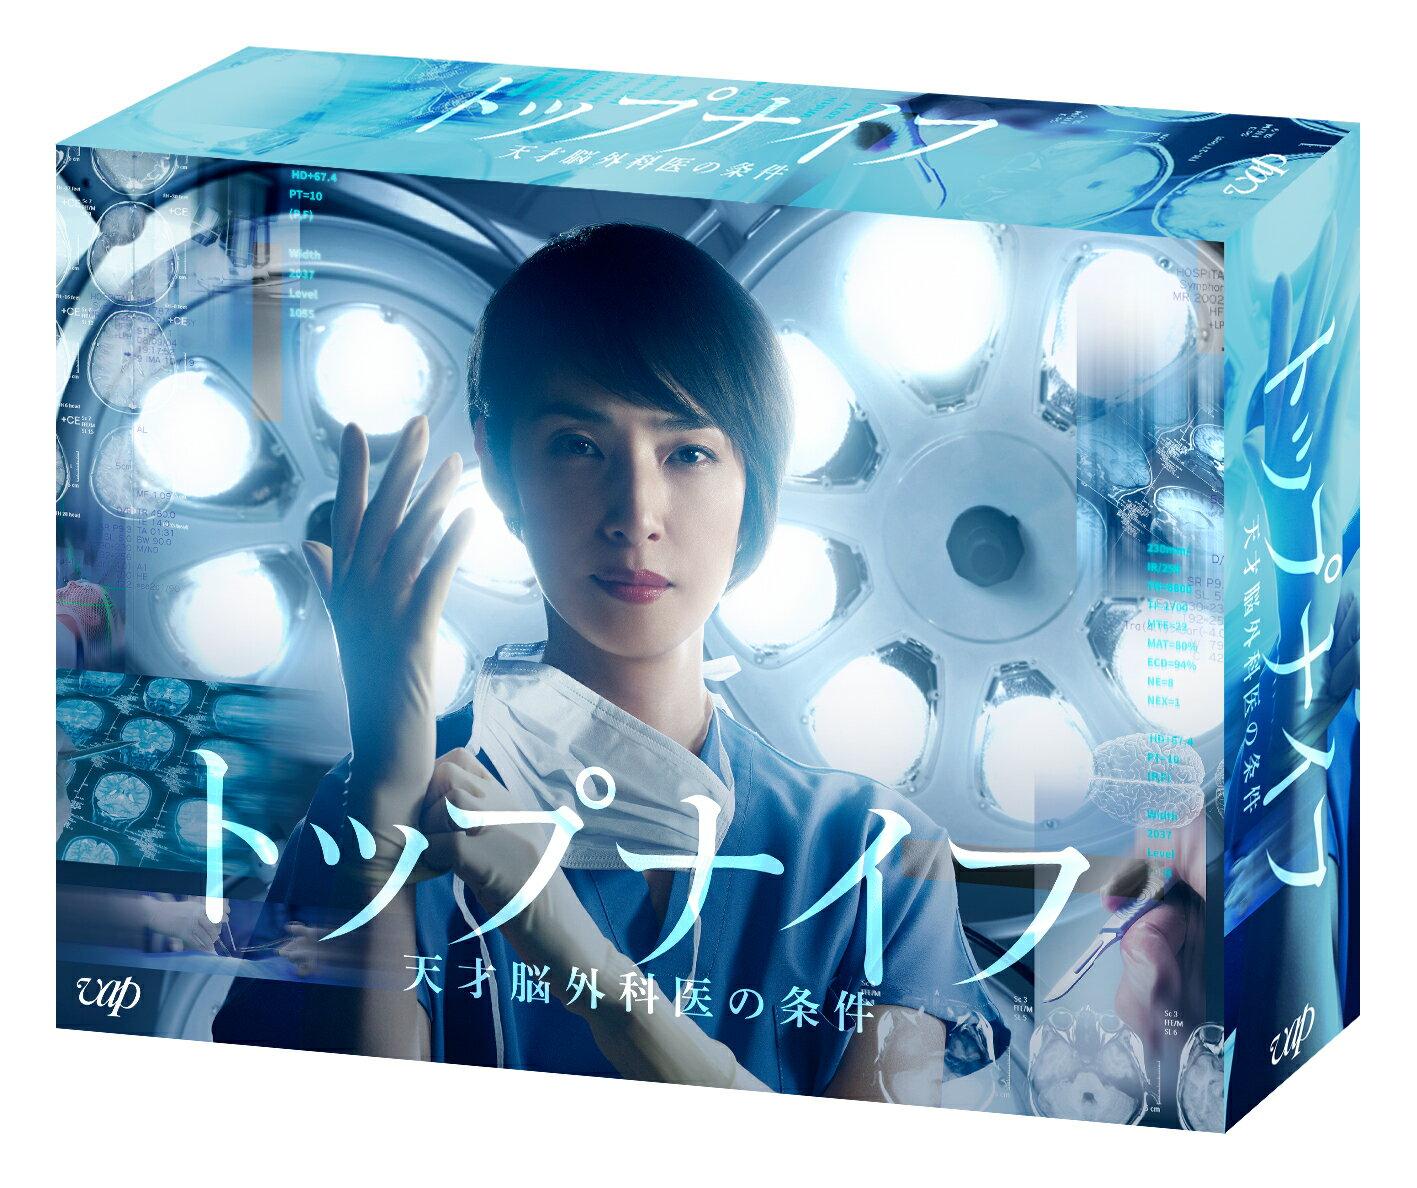 トップナイフー天才脳外科医の条件ー Blu-ray BOX【Blu-ray】